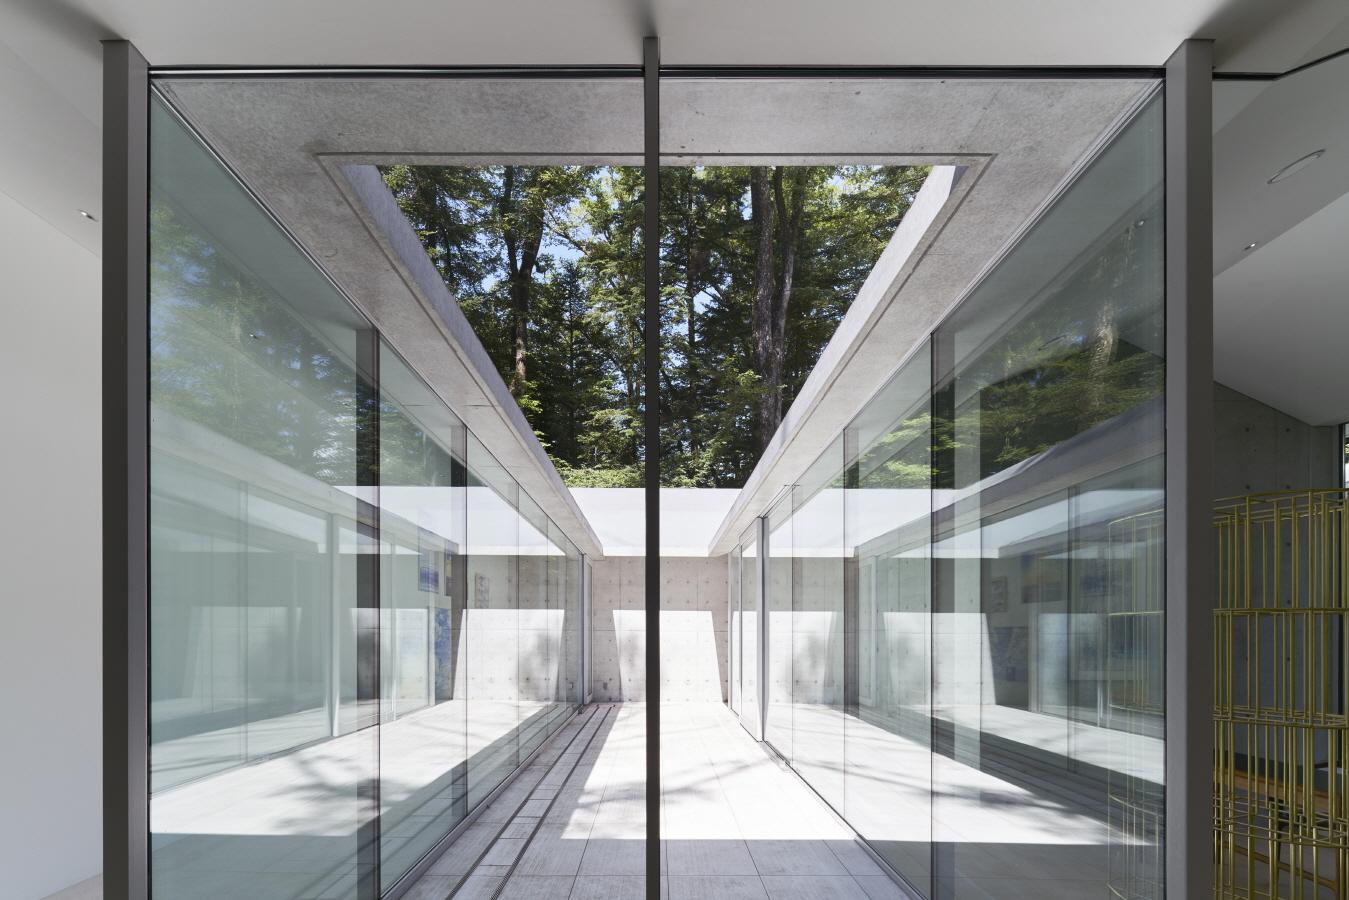 〔안정원의 건축 칼럼〕 빛과 그림자, 바람의 흐름이 공간 속에 살포시 녹아든 집 3